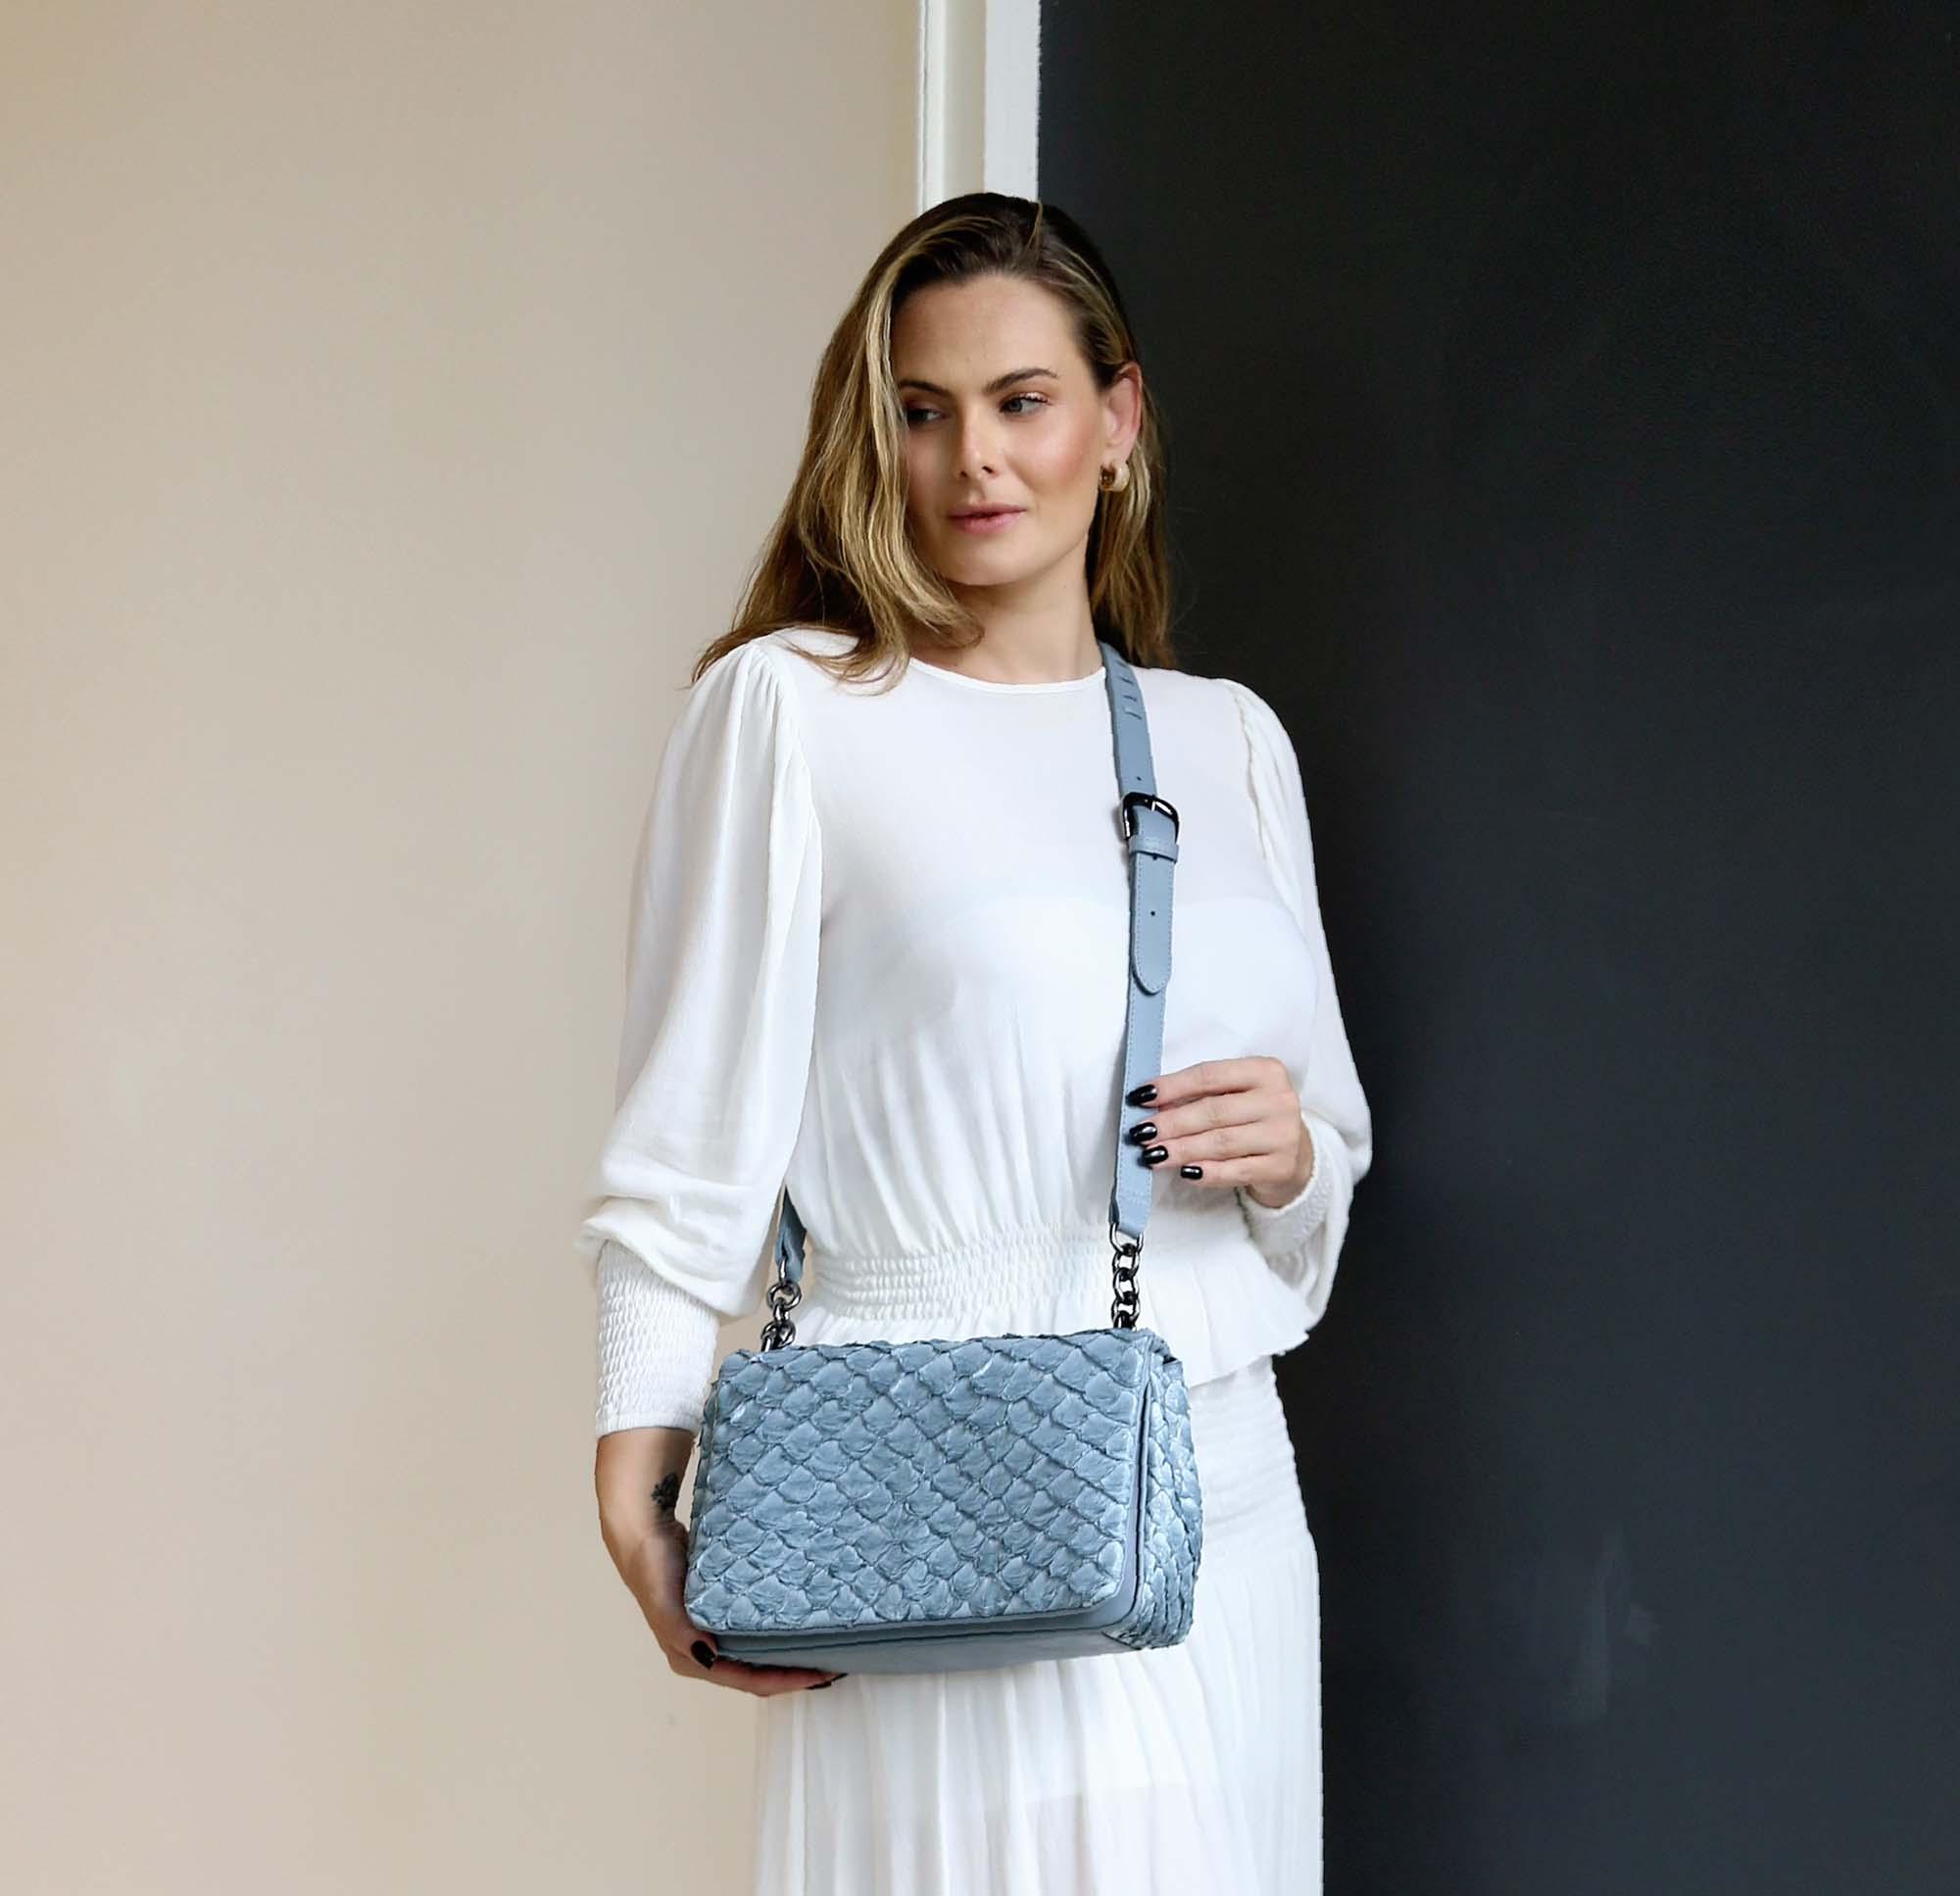 Bolsa Kate azul bb